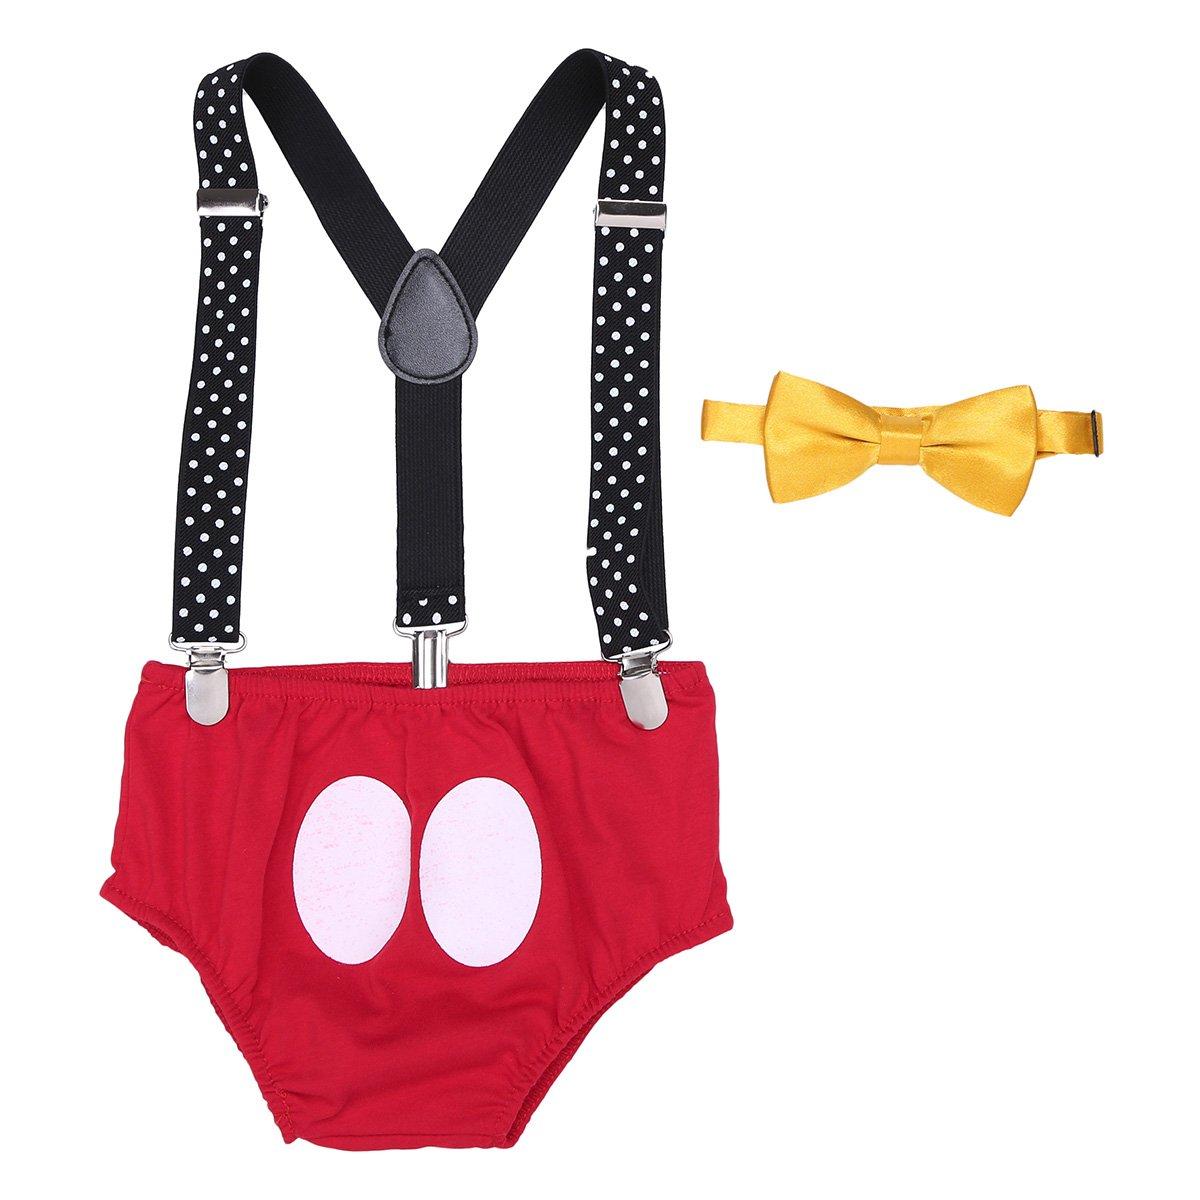 TiaoBug Mono de Primer Cumpleaños Bebés Recién Nacidos Pantalones de Peto con Lazo para Niños Mameluco conCorreas Ajustables Baby Bloomers